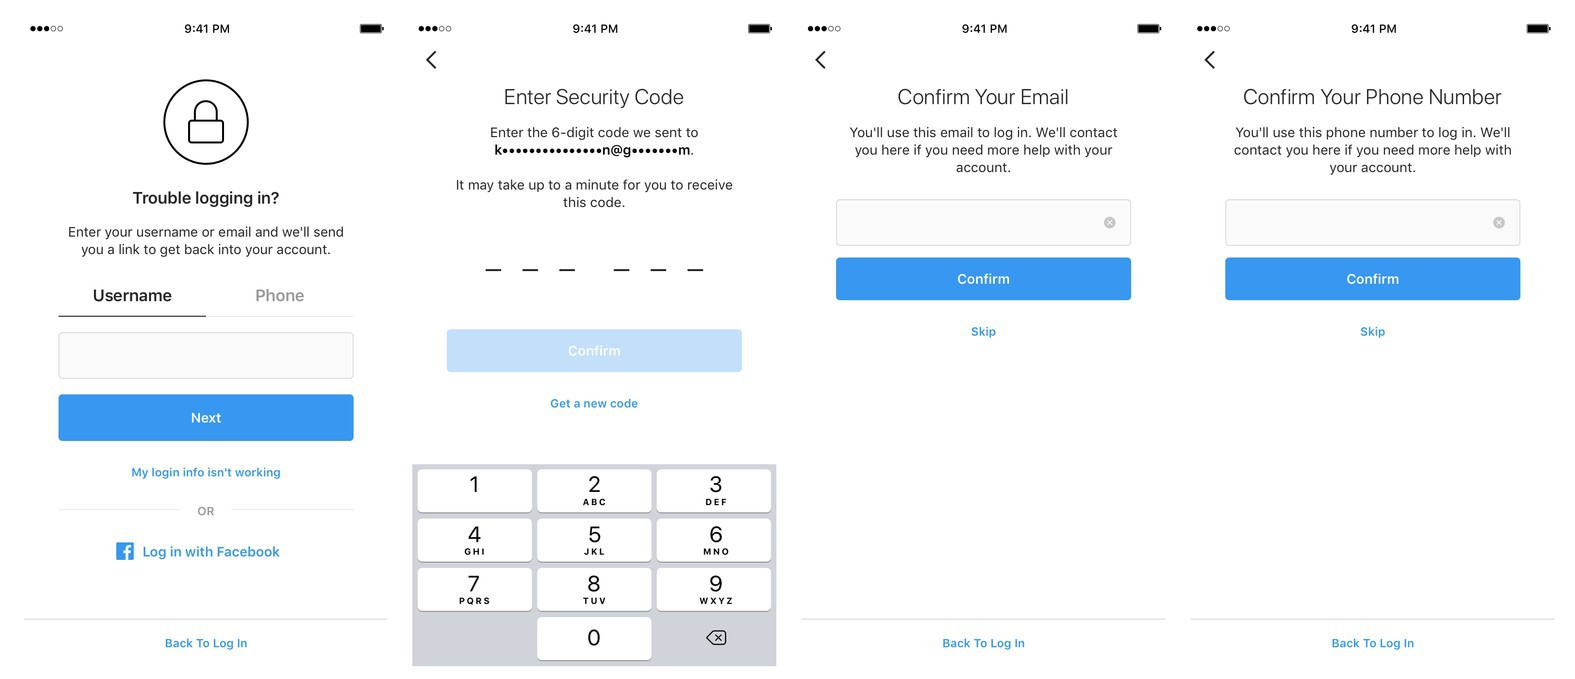 Bị hack Instagram? Đừng lo, một biện pháp mới vừa được đưa ra giúp lấy lại tài khoản dễ dàng hơn - Ảnh 2.